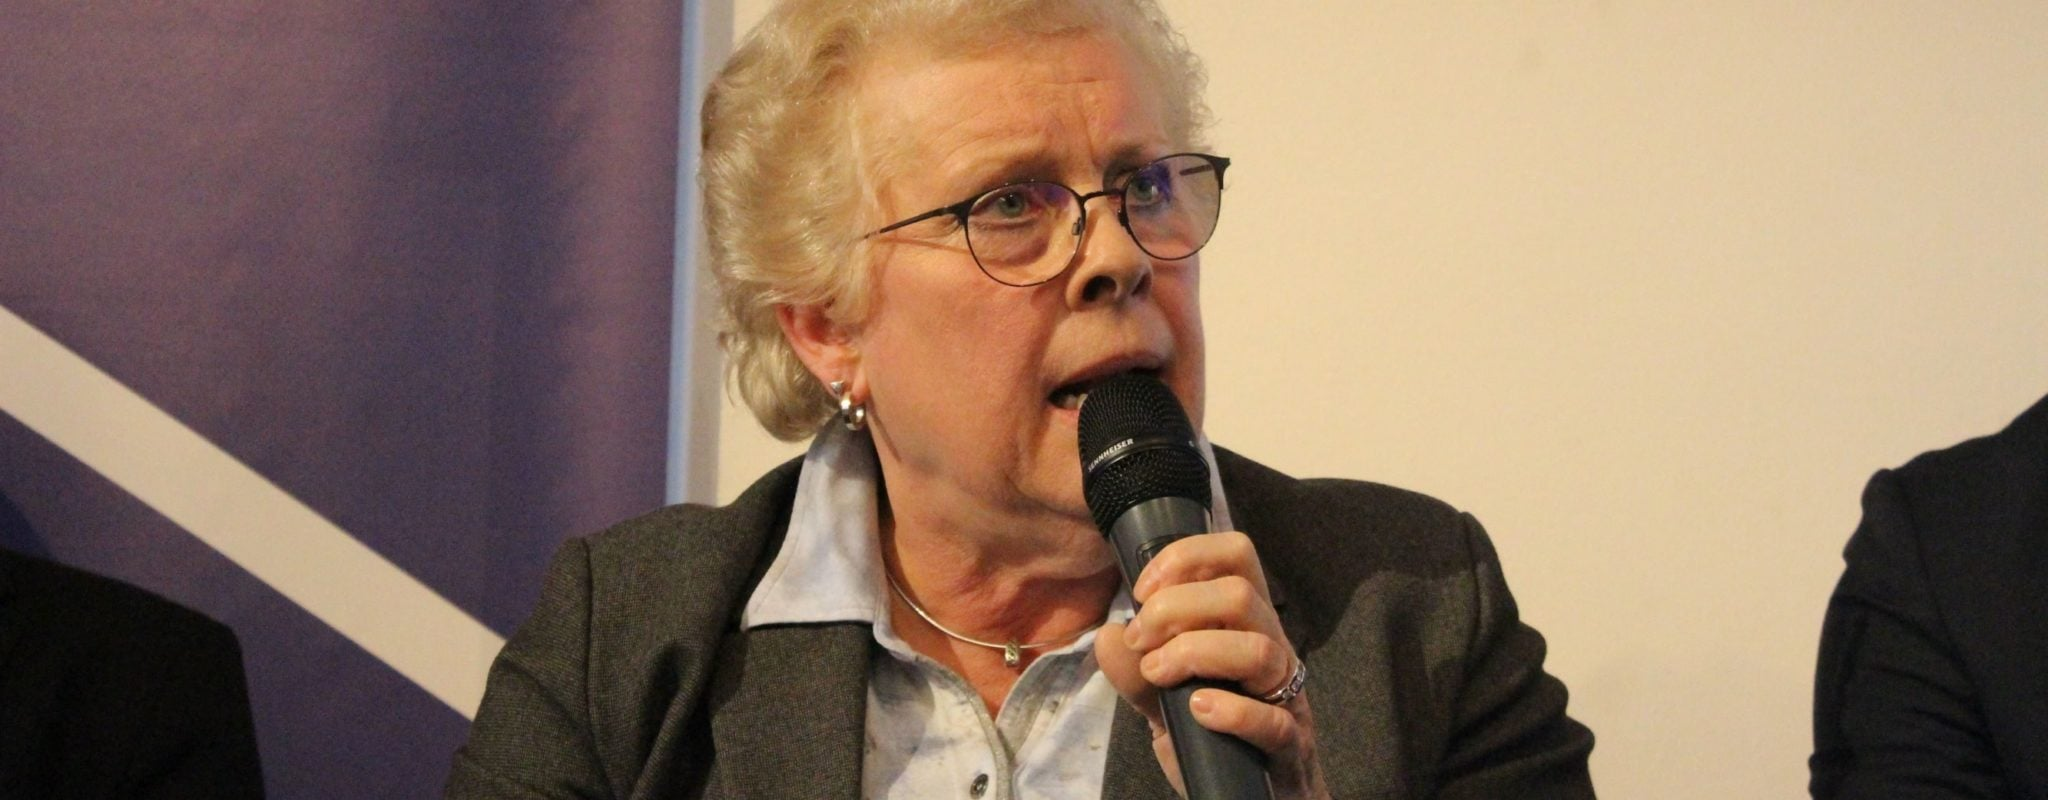 Les candidats et «l'Après»: Catherine Trautmann veut «prendre soin»